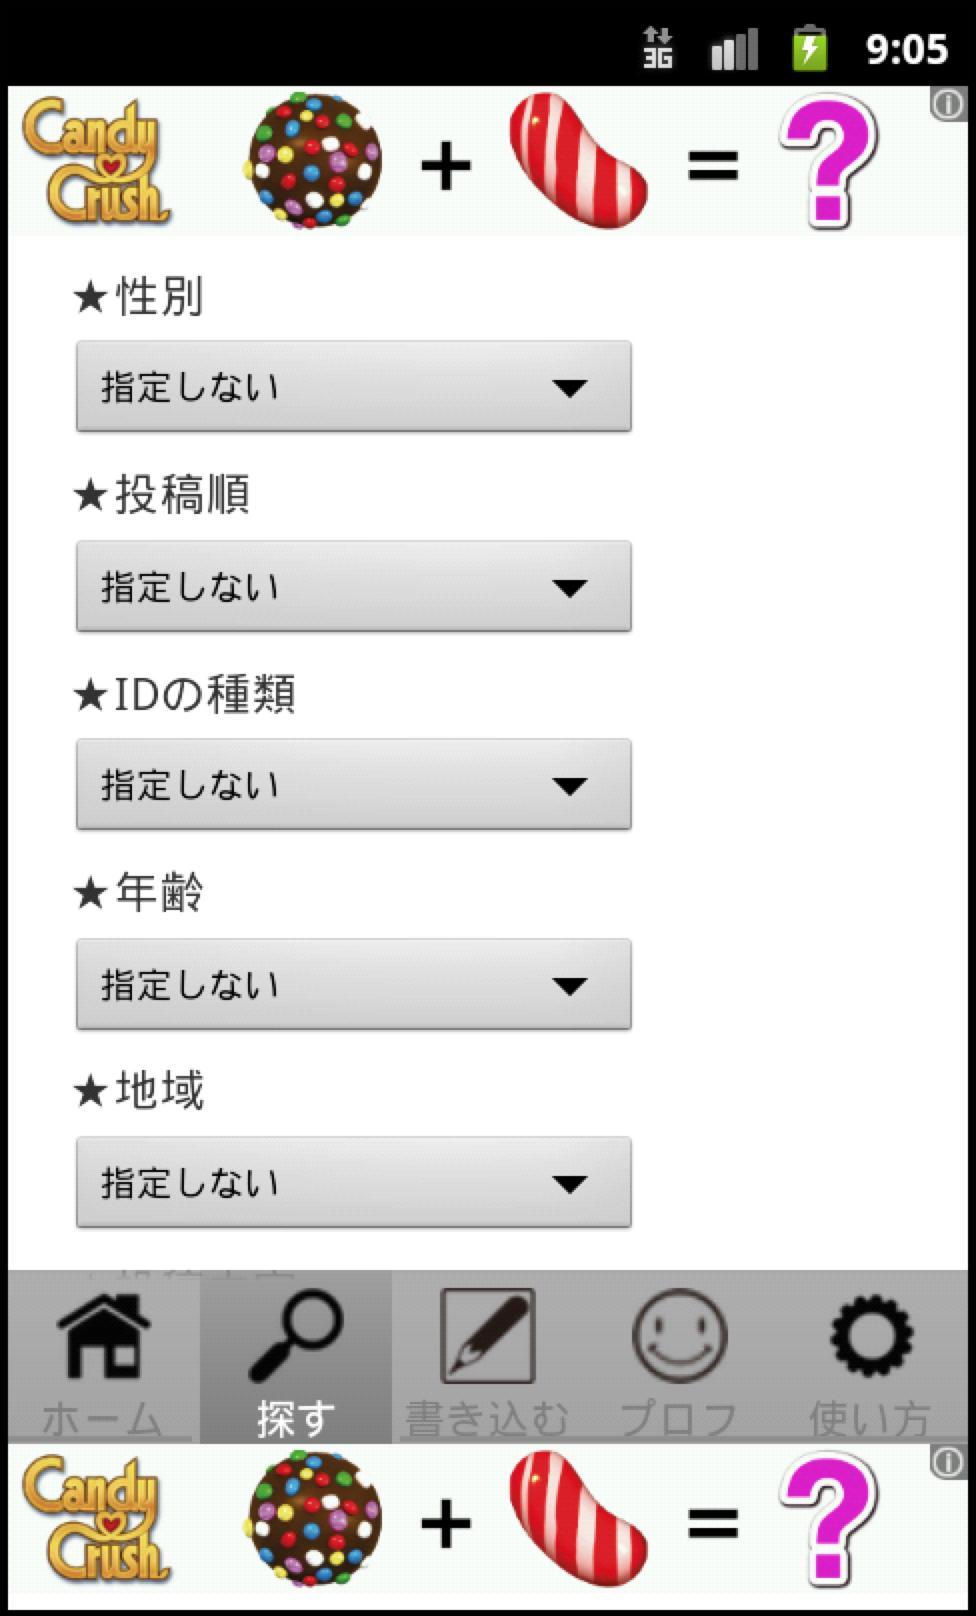 カカオ トーク id 掲示板